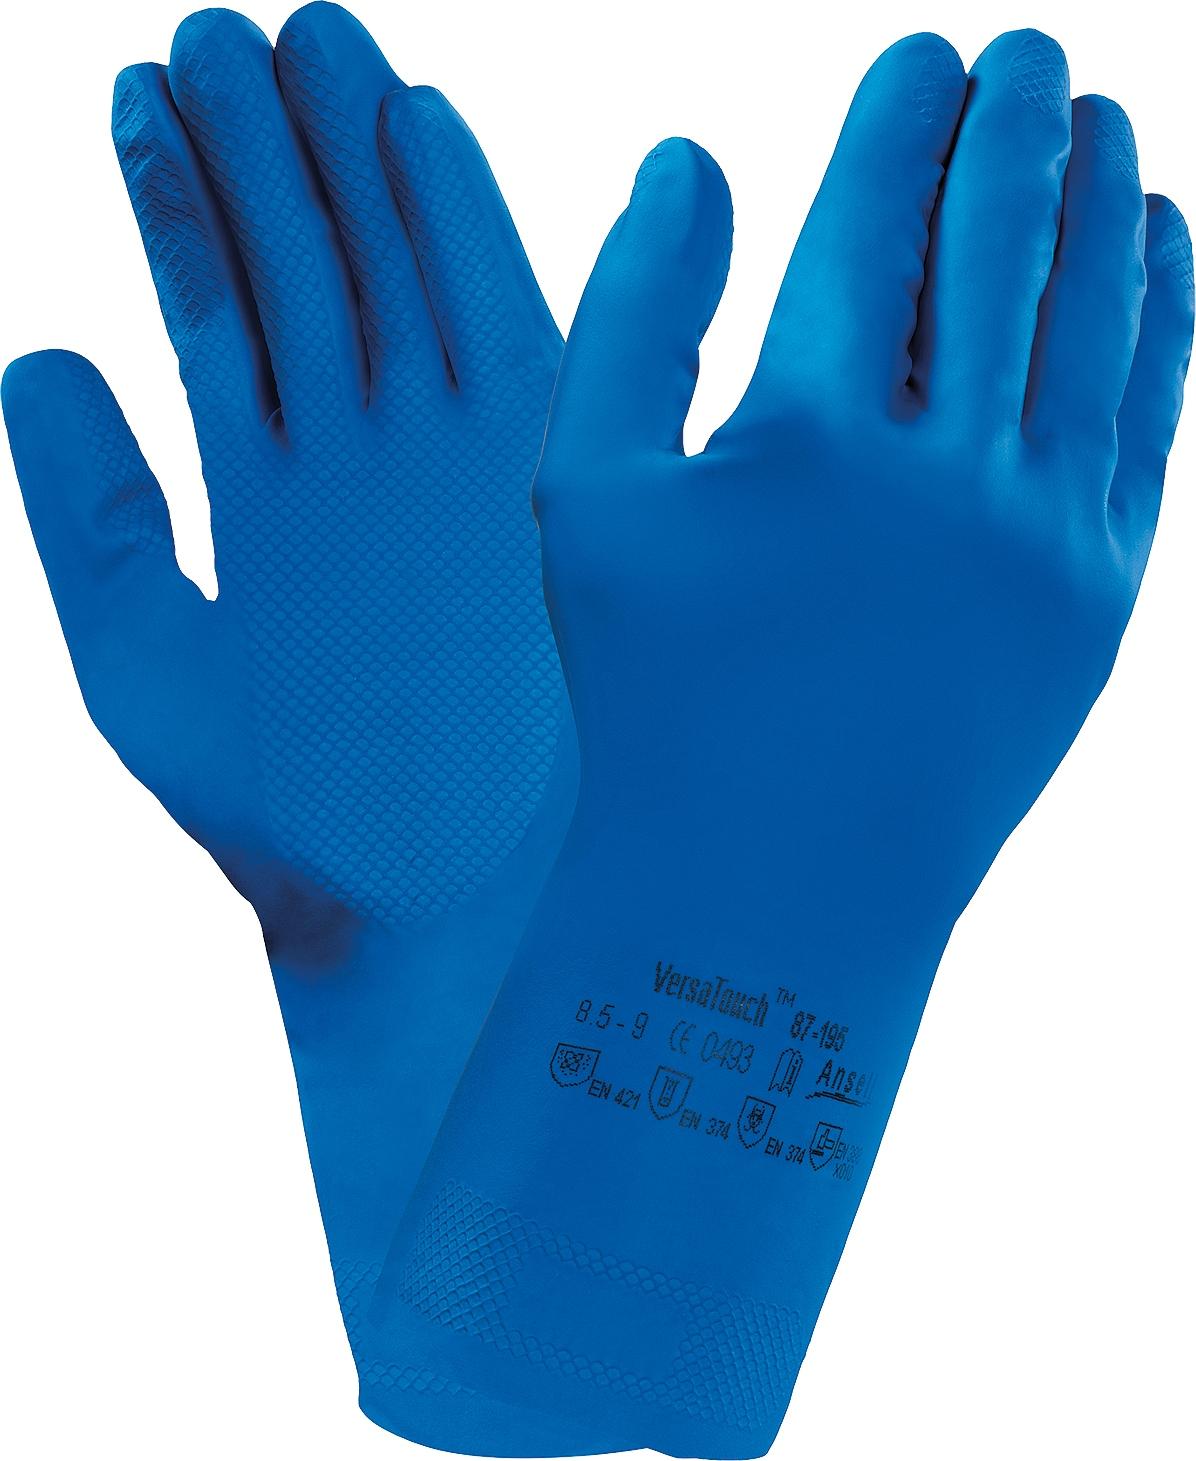 Перчатки Хозяйственные Резиновые На Основе Желтый L